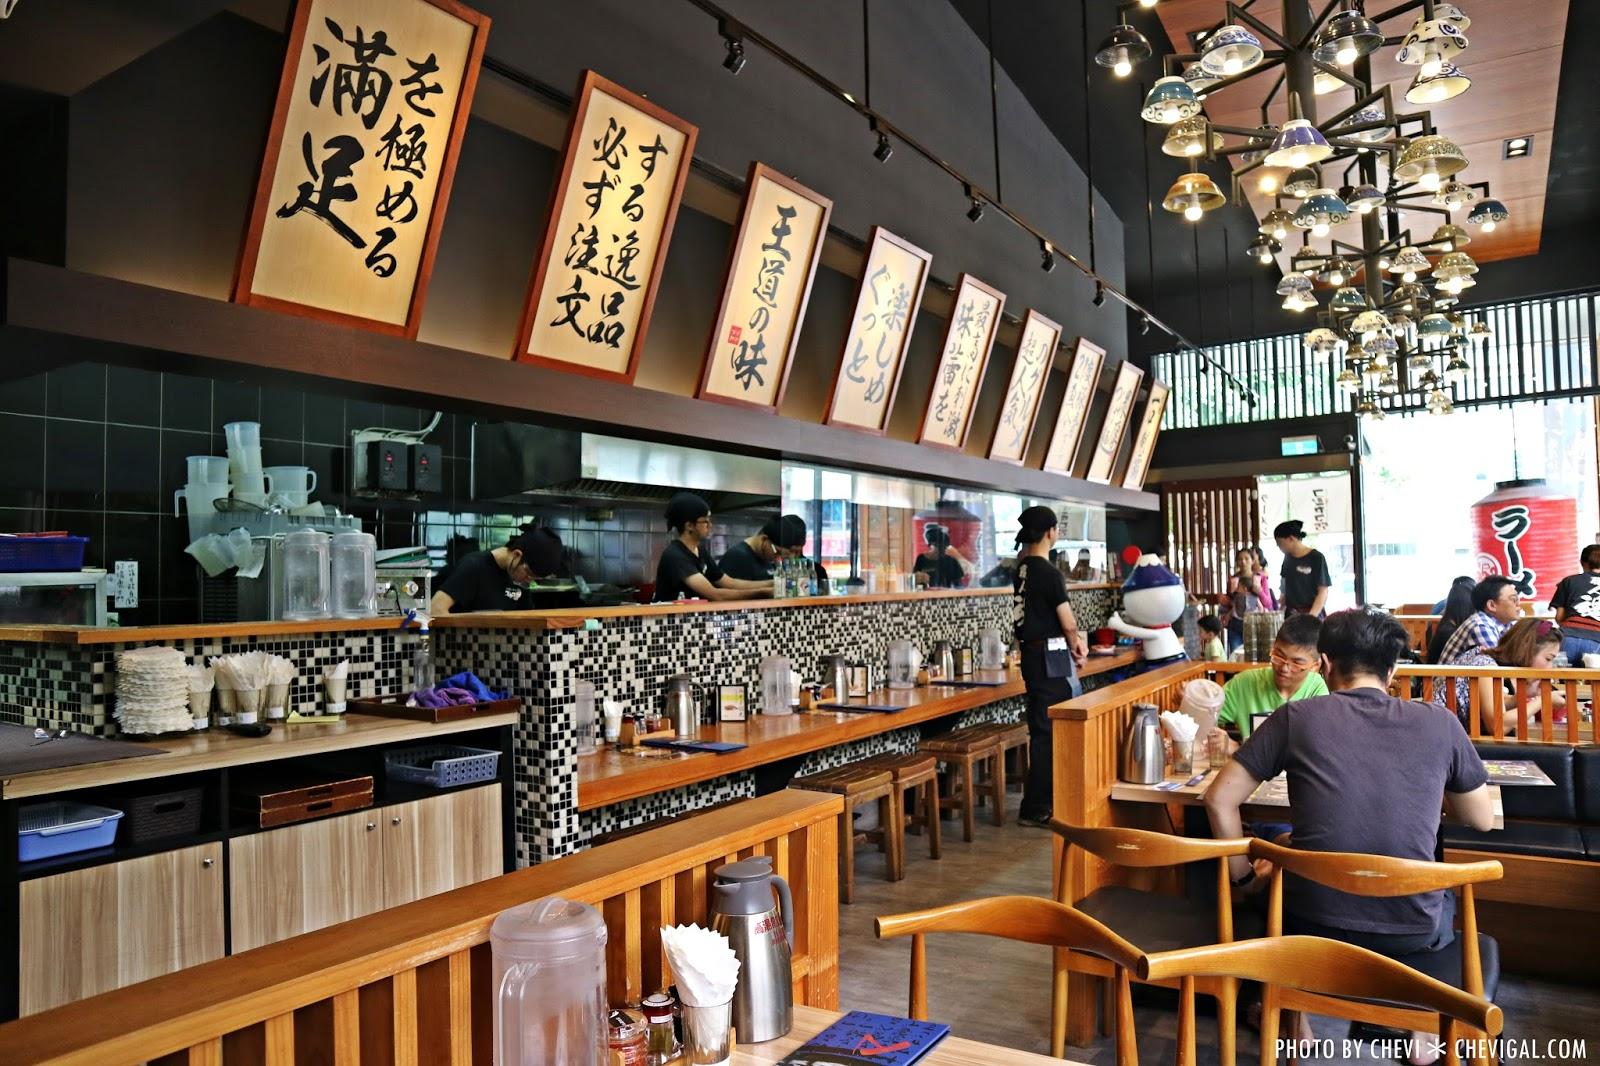 IMG 9755 - 熱血採訪│富士山55沾麵,富士山55周年感謝祭。澎派菜單全新登場。還有免費 Cold Stone冰淇淋請你吃